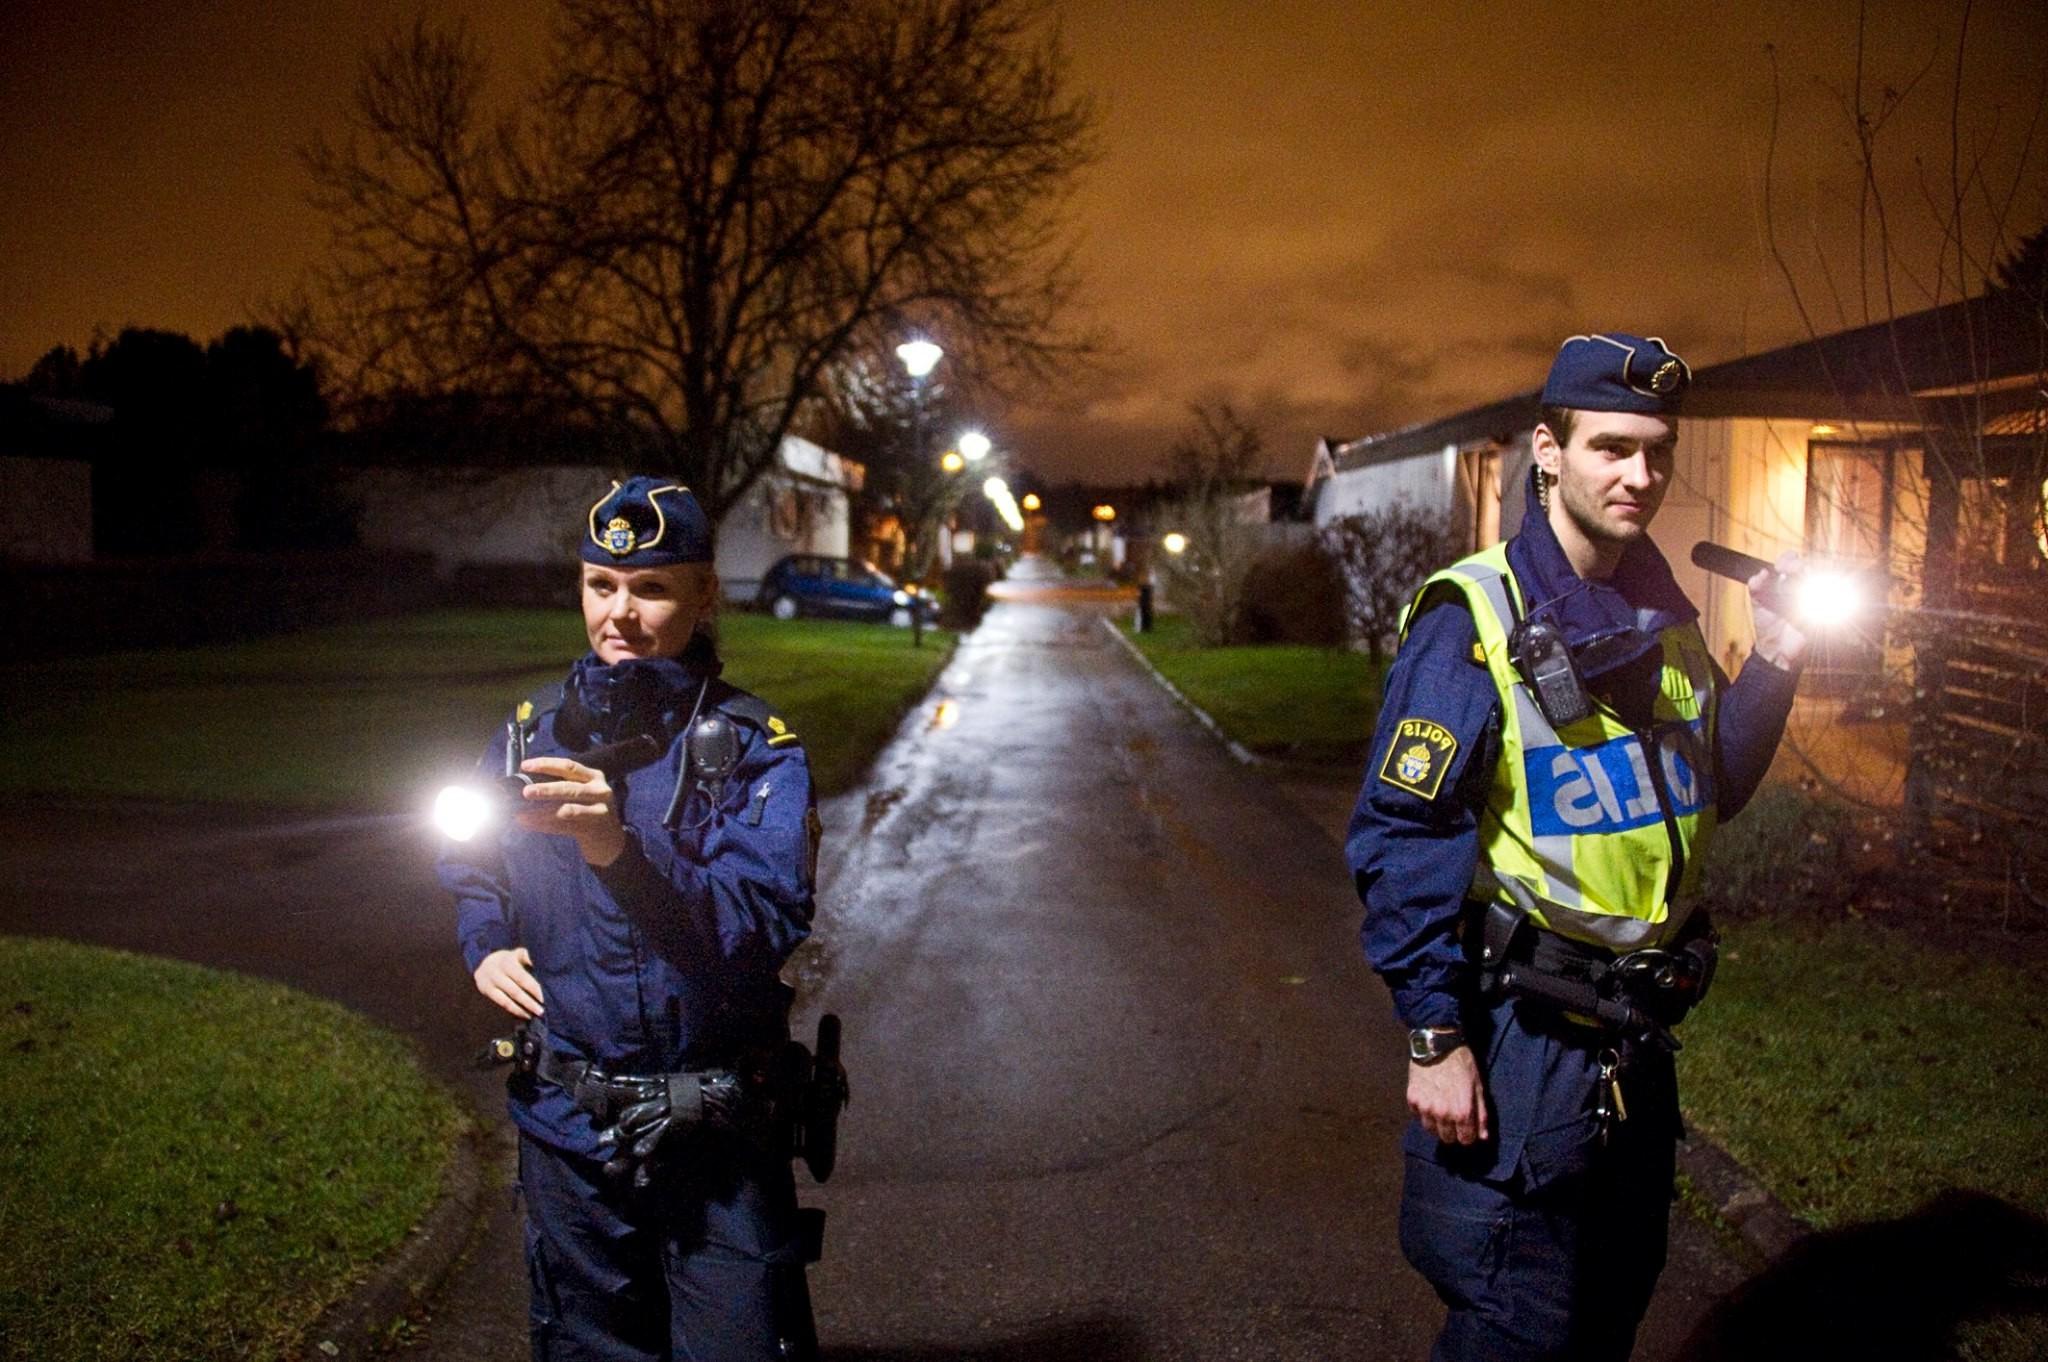 壁纸 火 瑞典警察局 截图 48x1362像素48x1362 电脑桌面壁纸 Wallhere 壁纸库